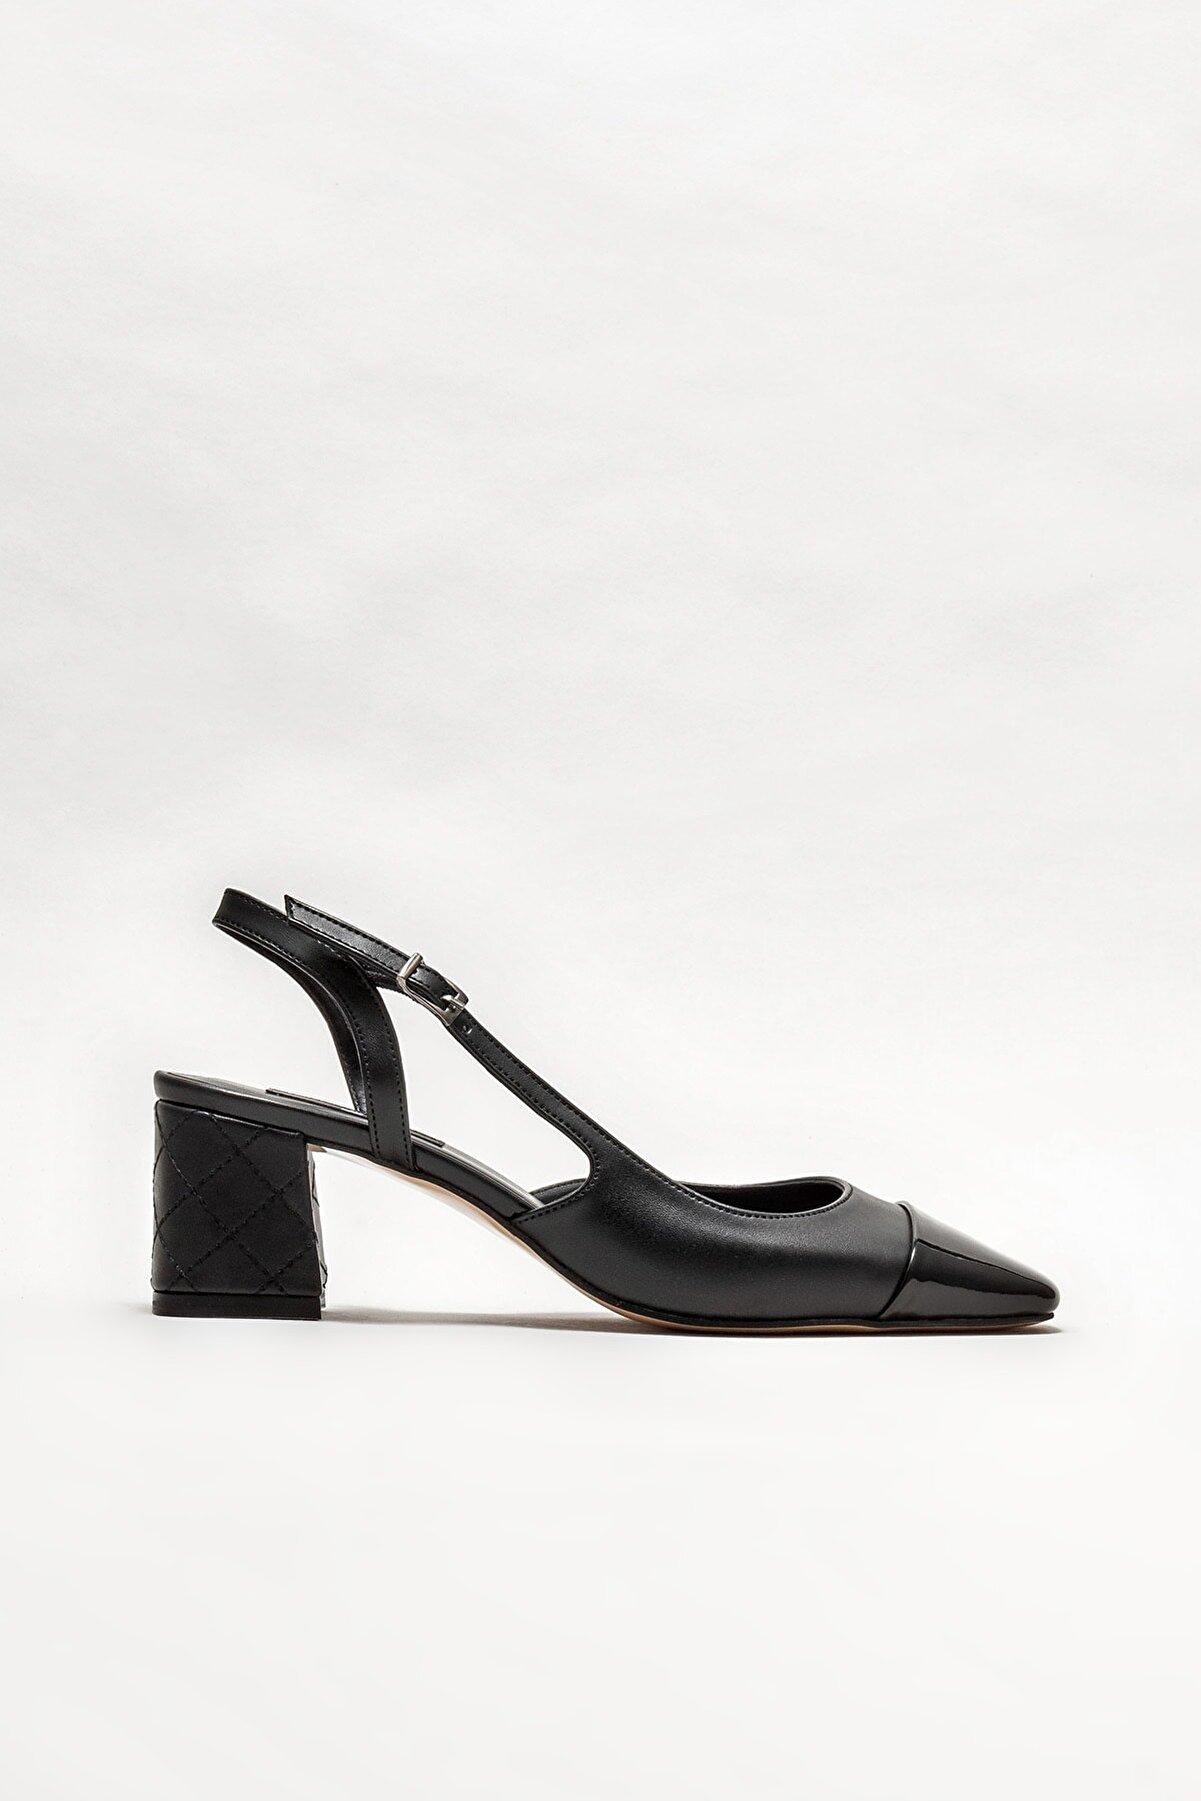 Elle Kadın Topuklu Ayakkabı